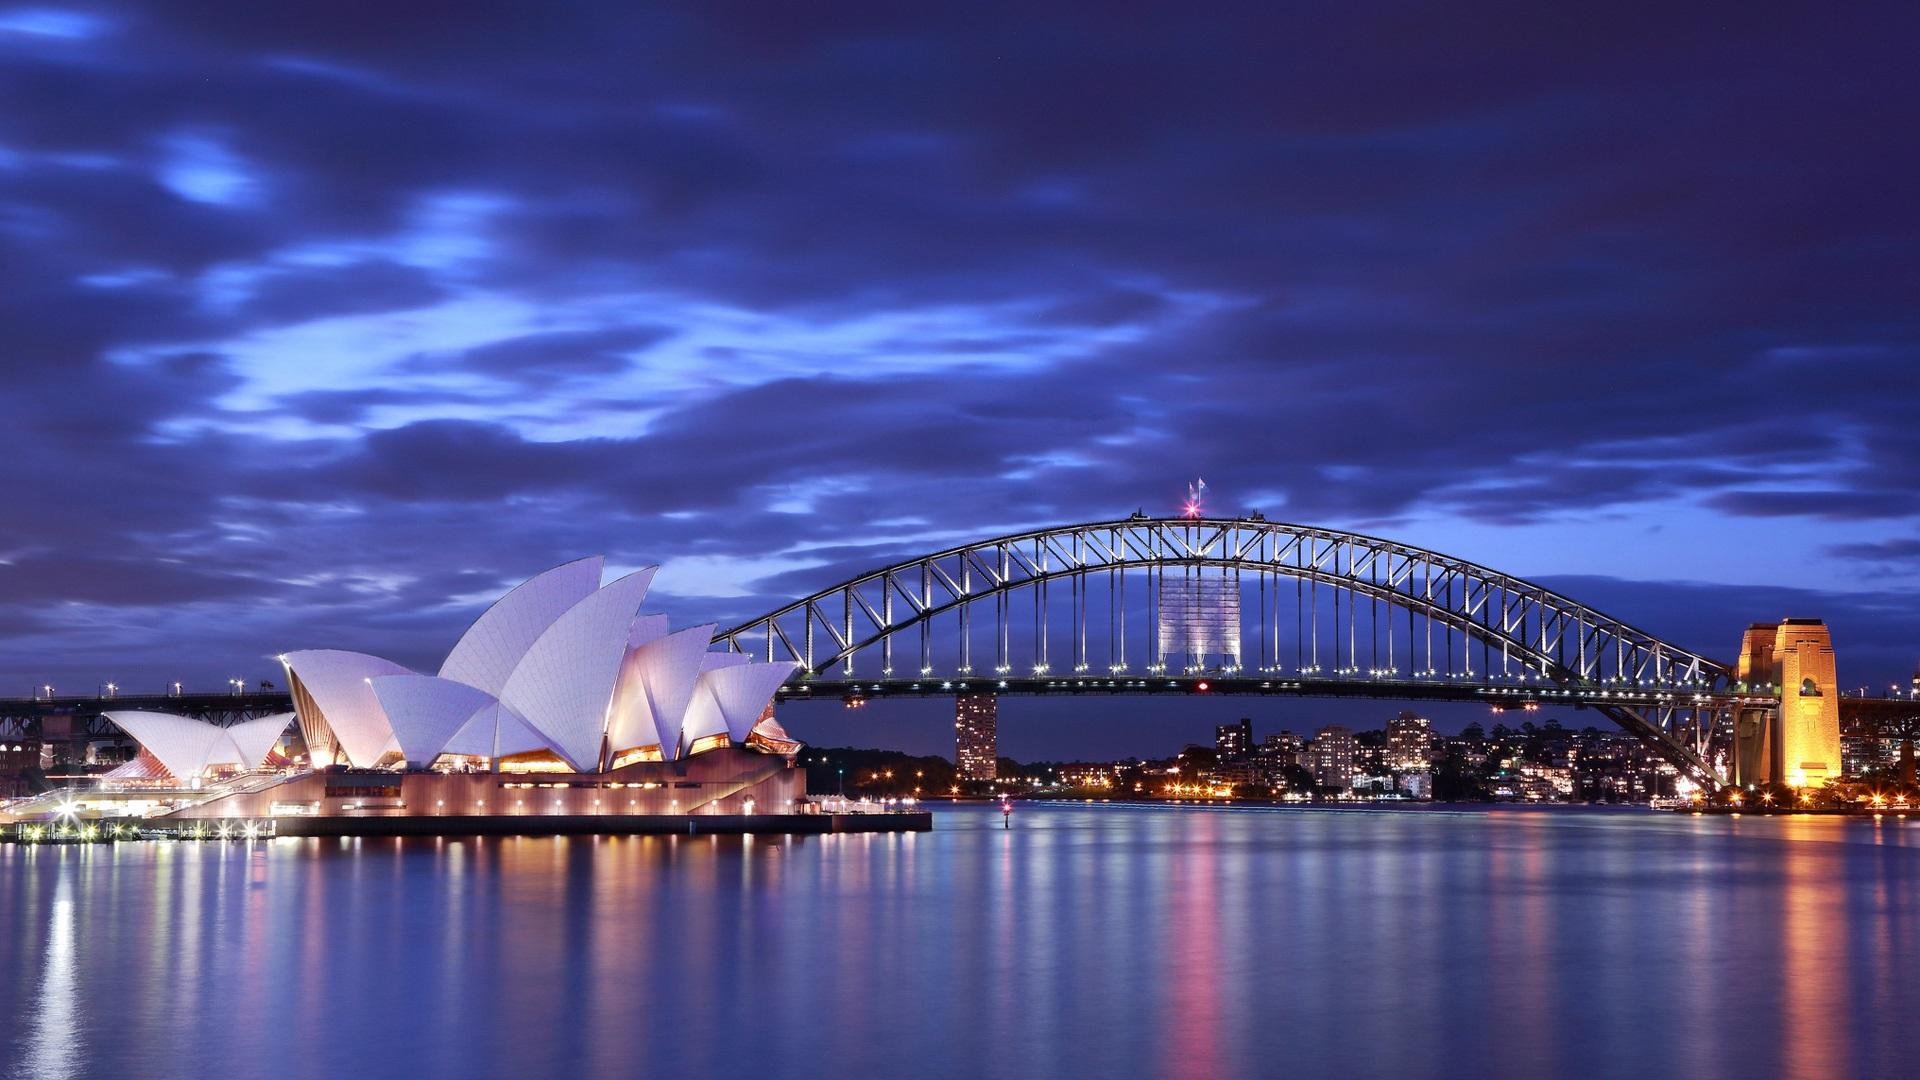 Download hintergrundbilder 1920x1080 full hd australien for Full hd house image